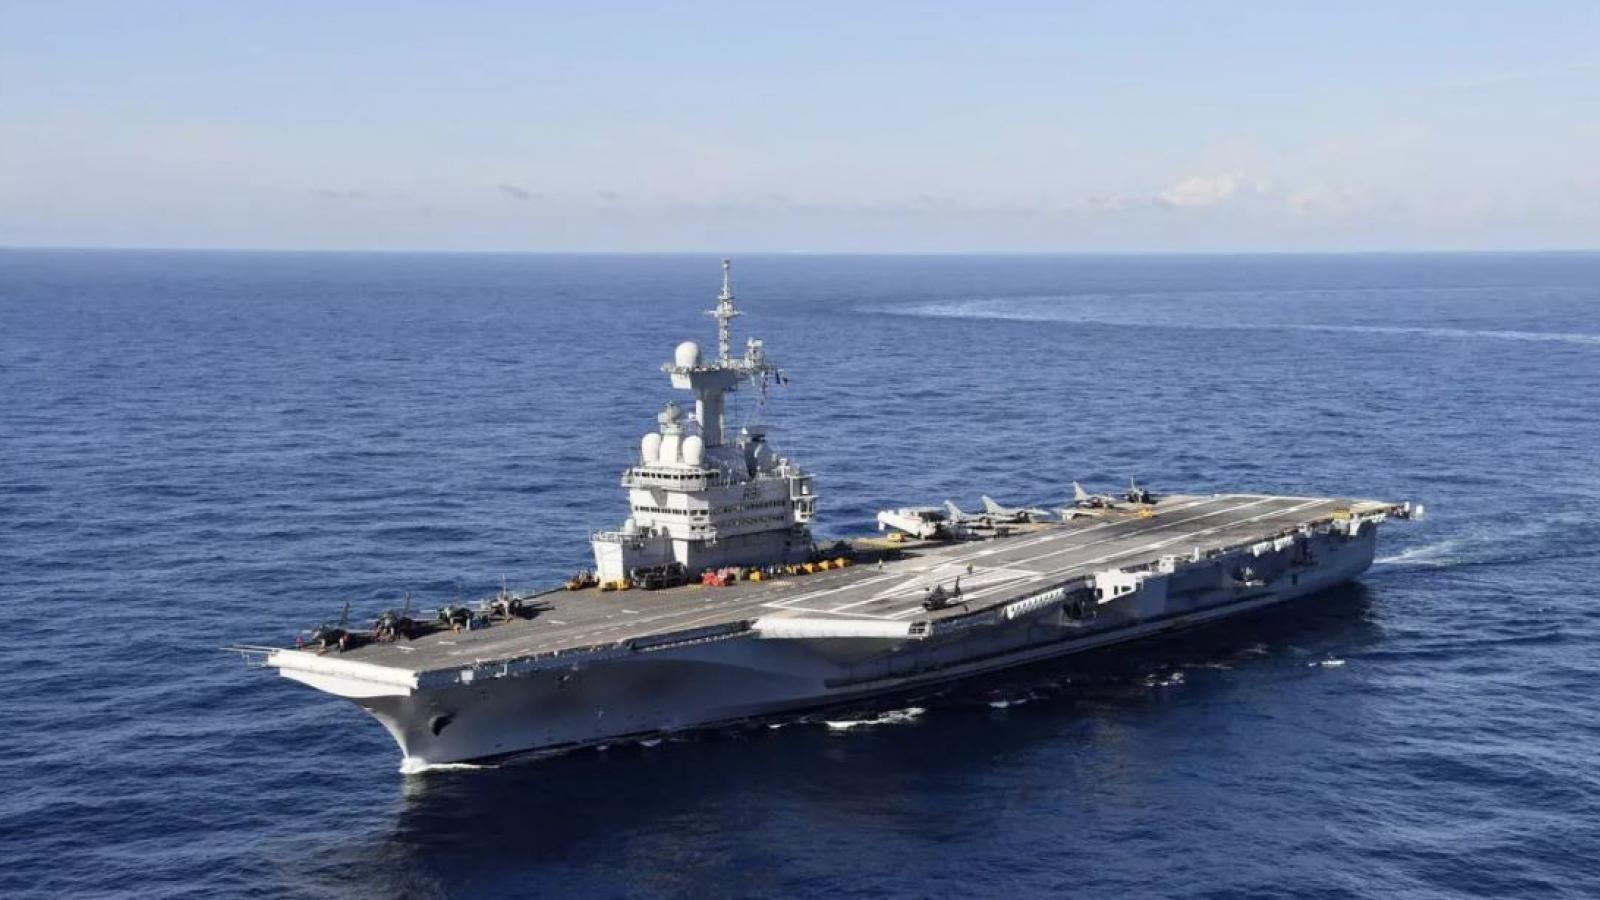 Ai Cập và Pháp tập trận hải quân chung trên Biển Đỏ